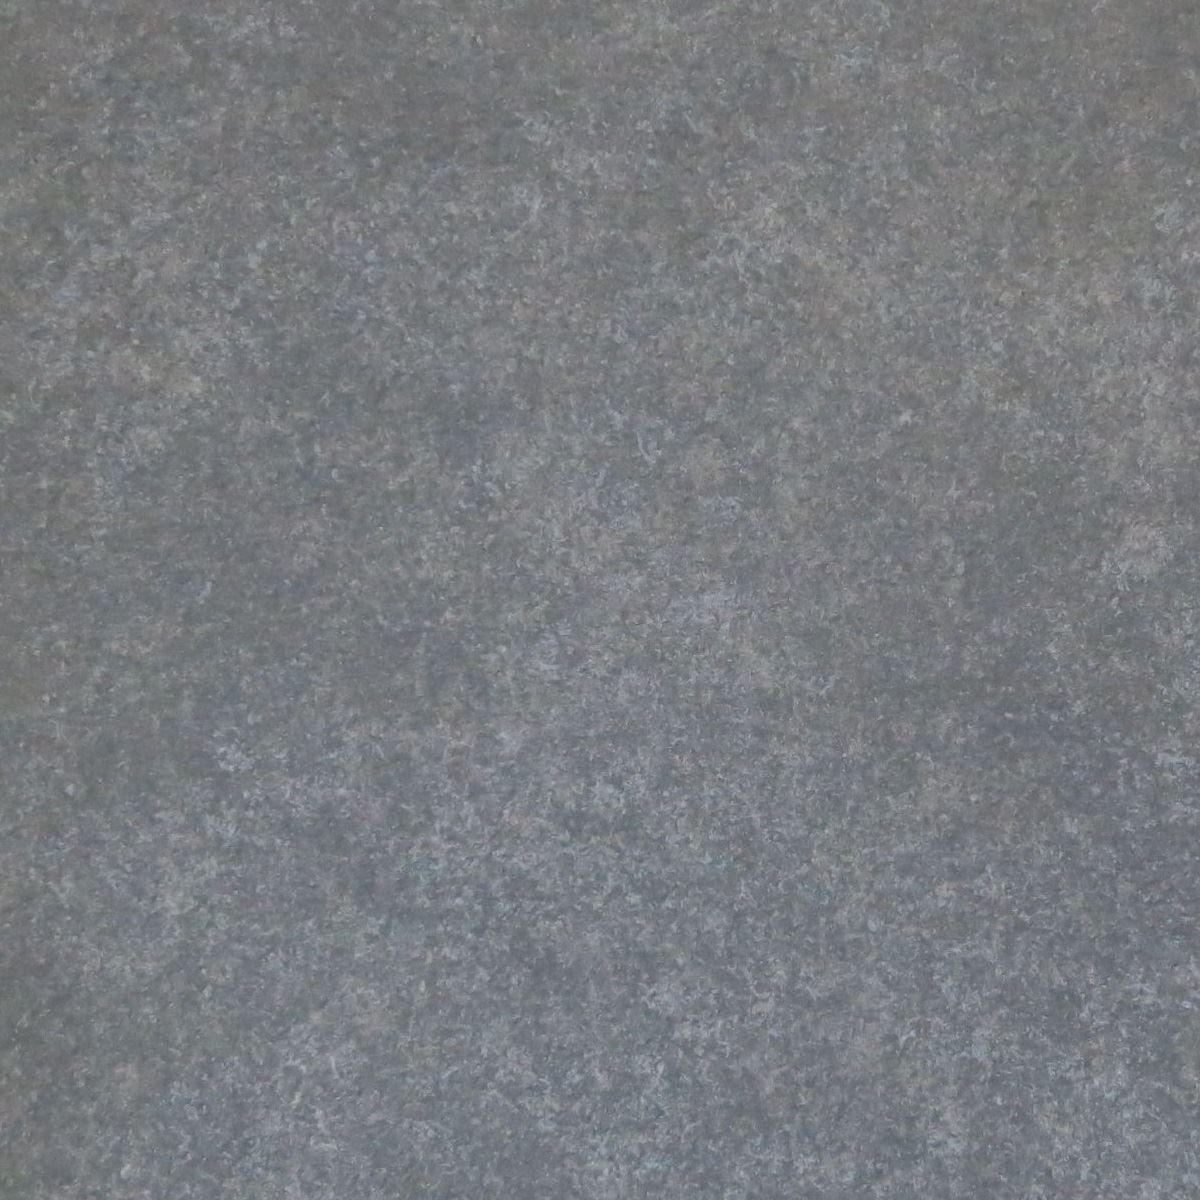 Vloertegel Profiker Pierre Greystone 60x60cm (Doosinhoud 1,44m²)